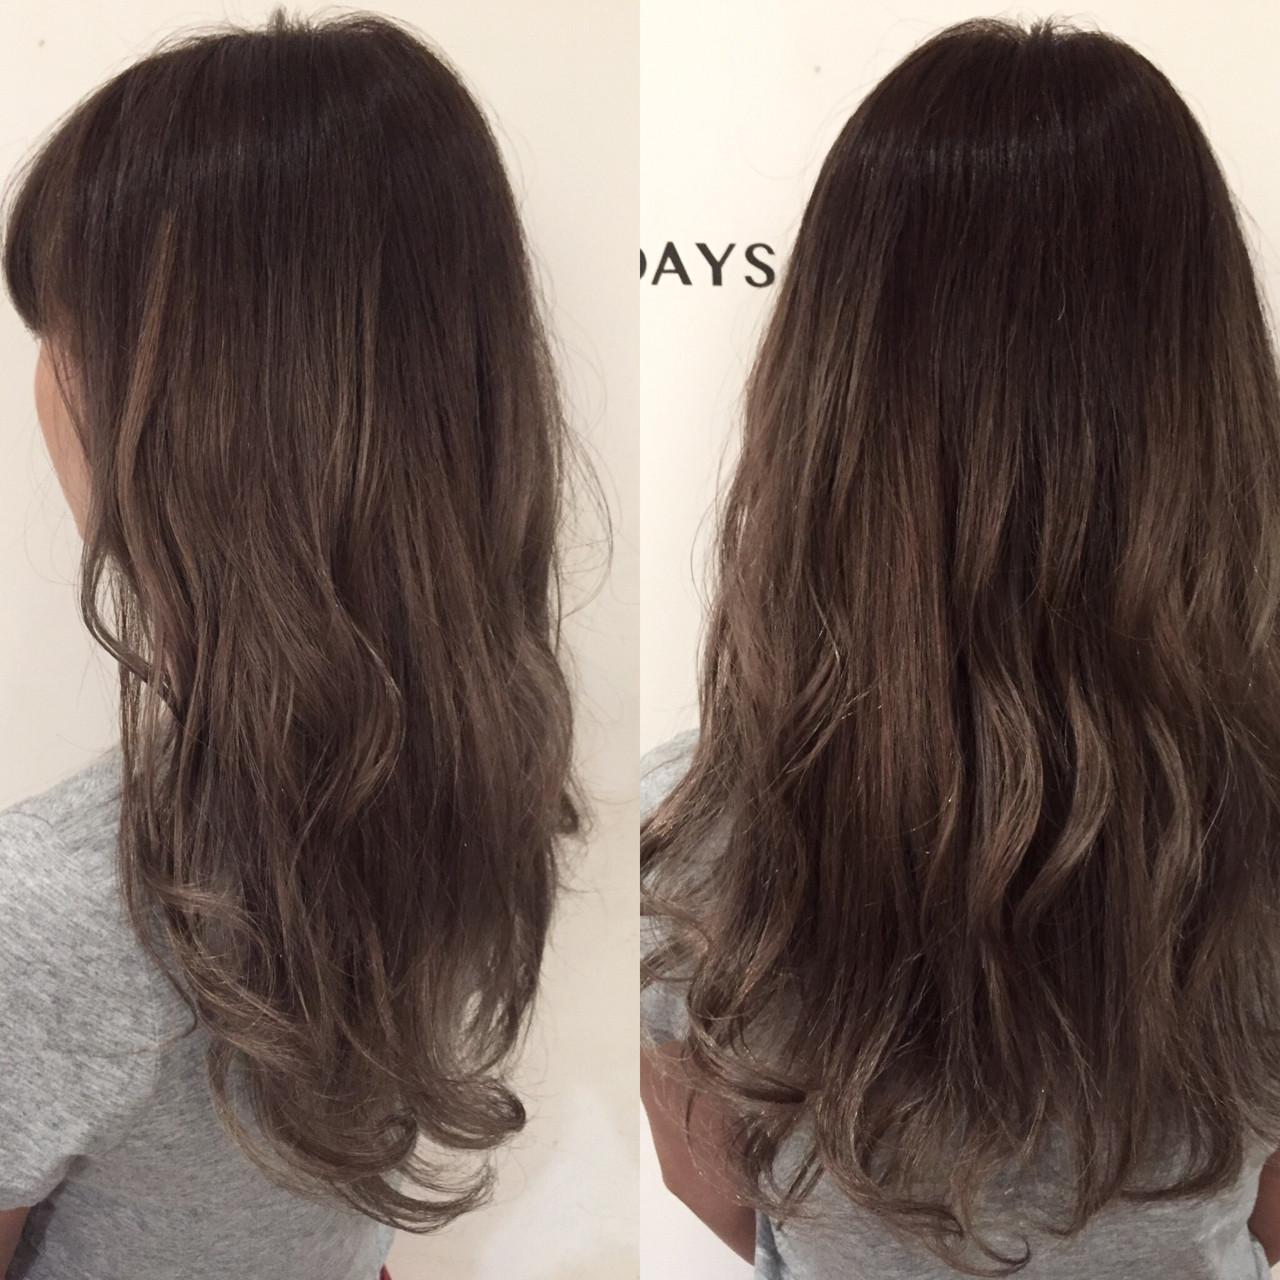 アッシュグレージュ 外国人風 ハイライト ハイトーン ヘアスタイルや髪型の写真・画像   ナベ / EIGHT hair salon